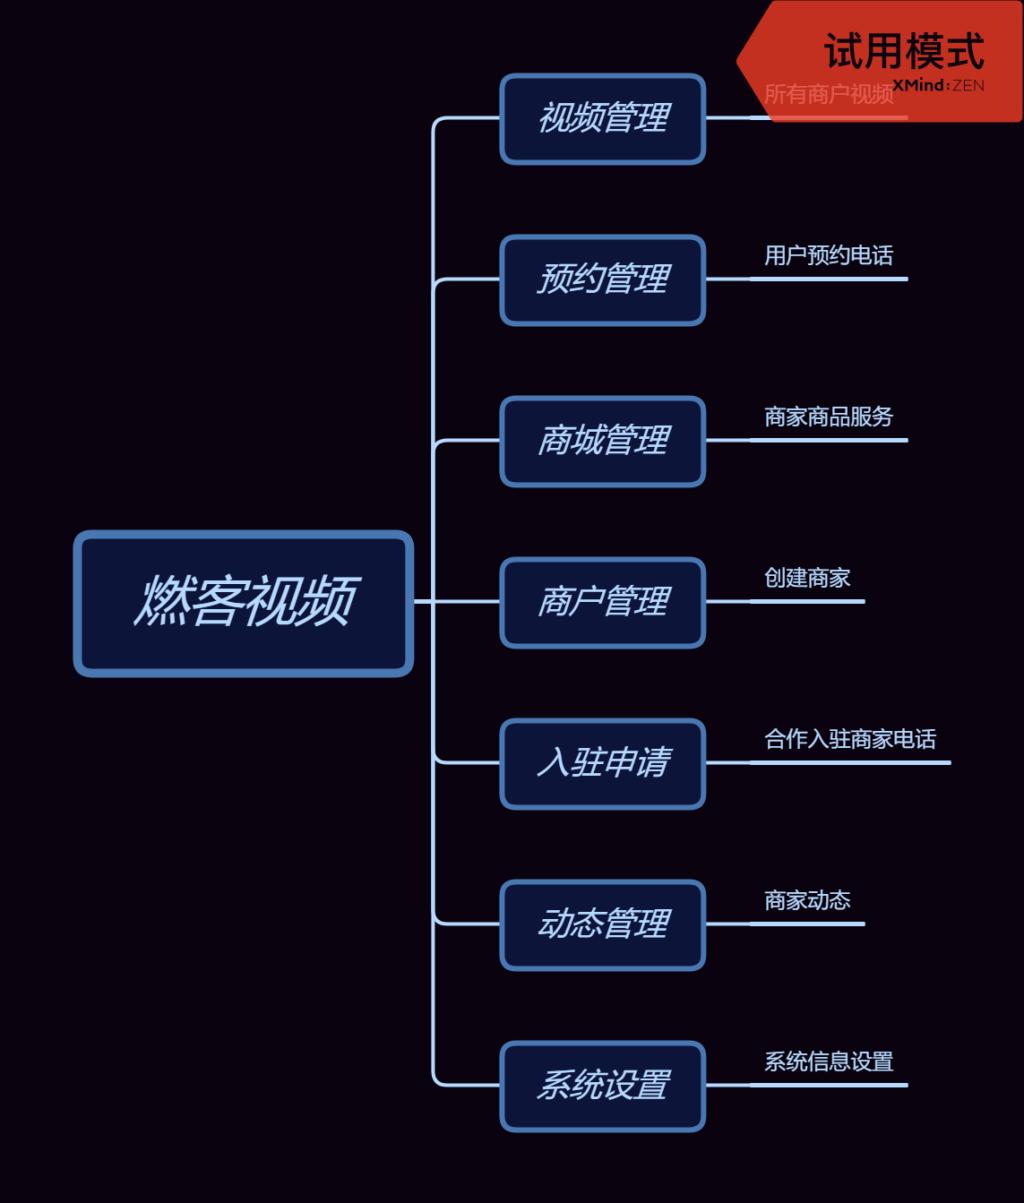 燃客视频小程序6.0+前端_完整源码插图